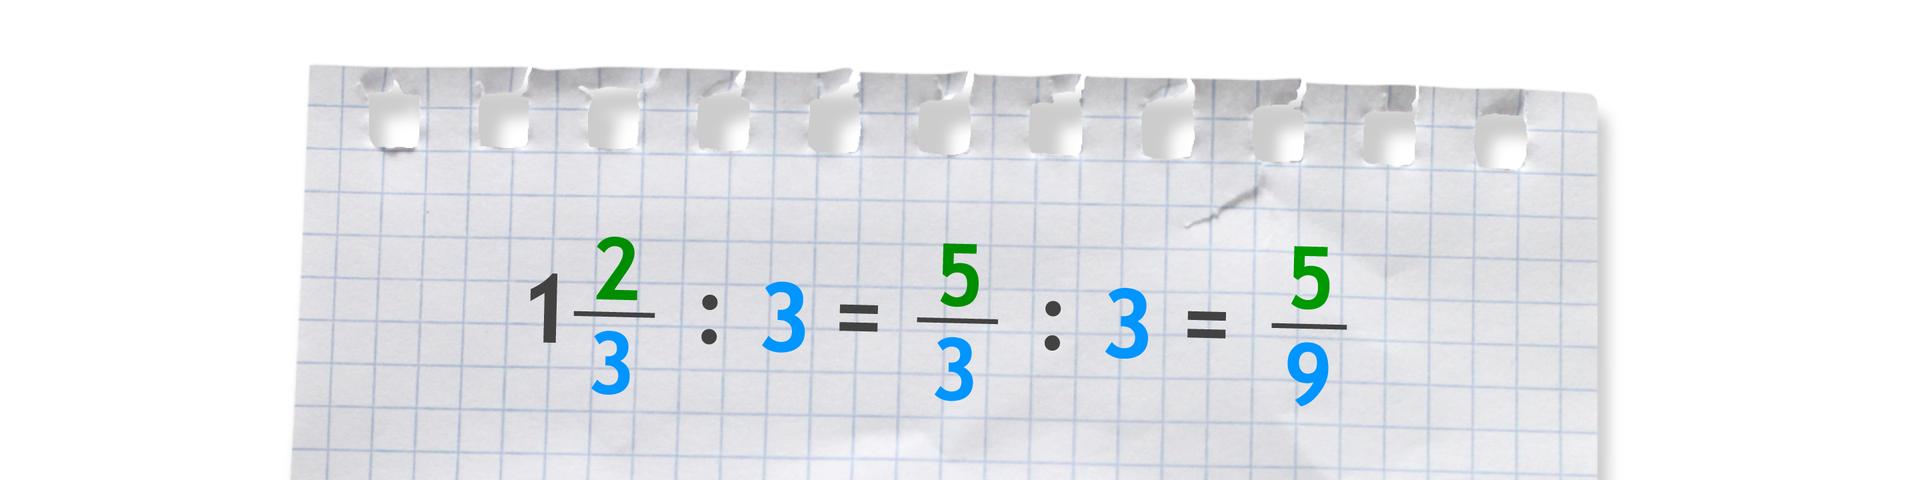 Przykład: jedna cała idwie trzecie dzielone przez 3 równa się pięć trzecich dzielone przez 3 równa się pięć dziewiątych.